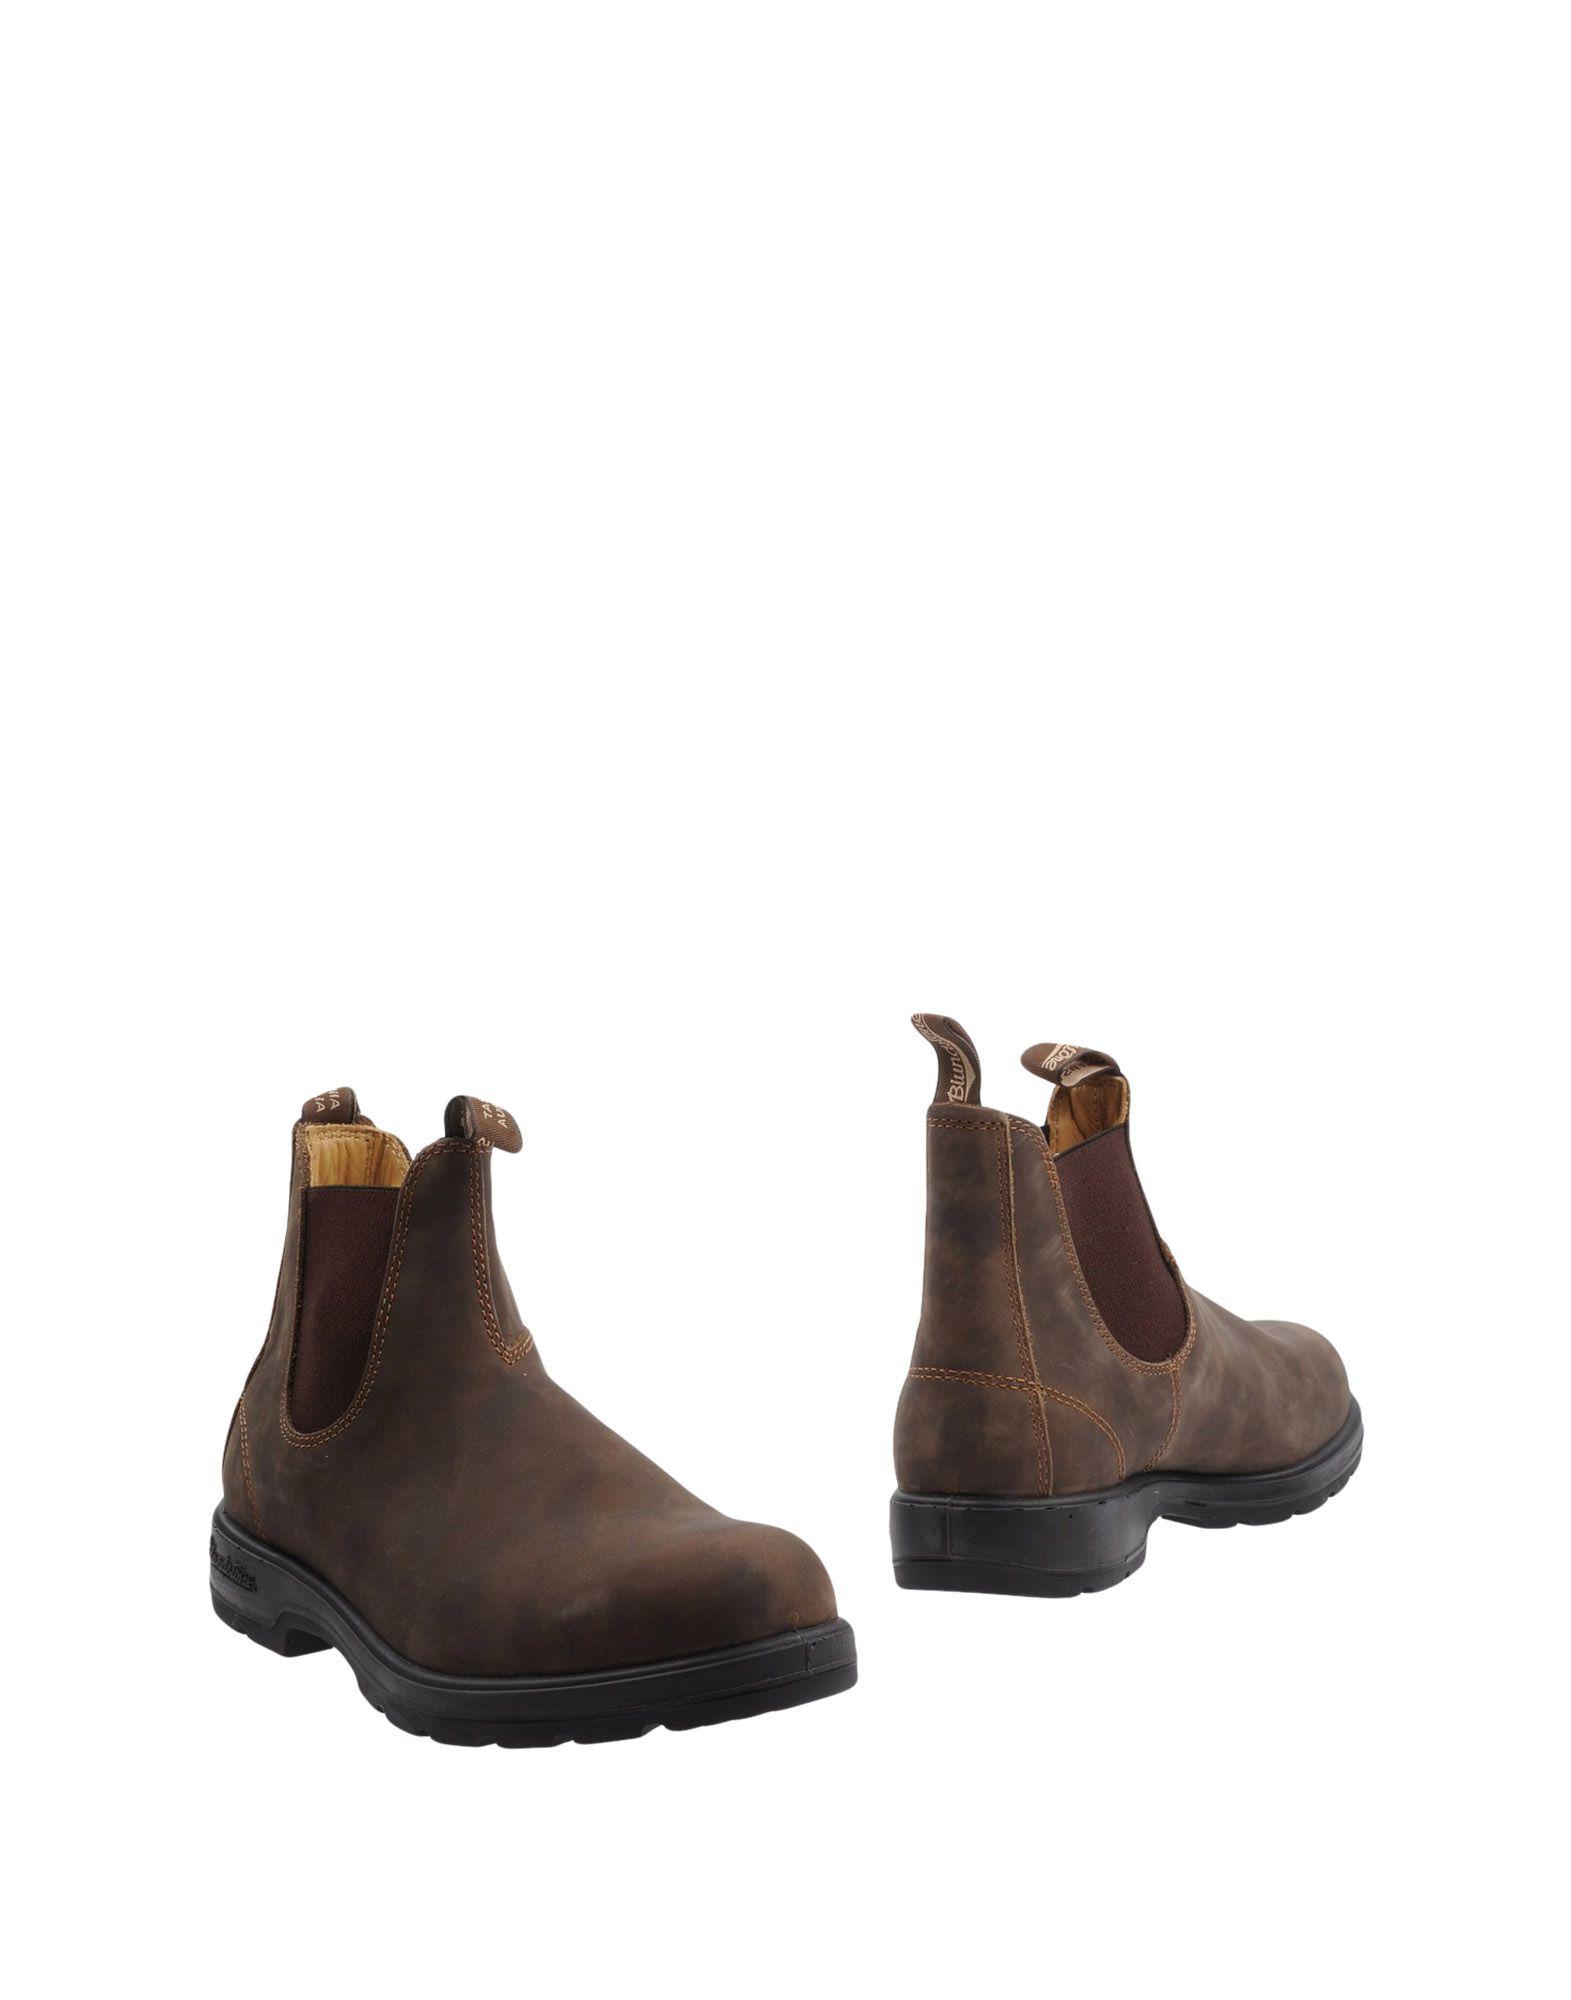 Blundstone Stiefelette Herren  11039523FU Gute Qualität beliebte Schuhe Schuhe beliebte 56dc94